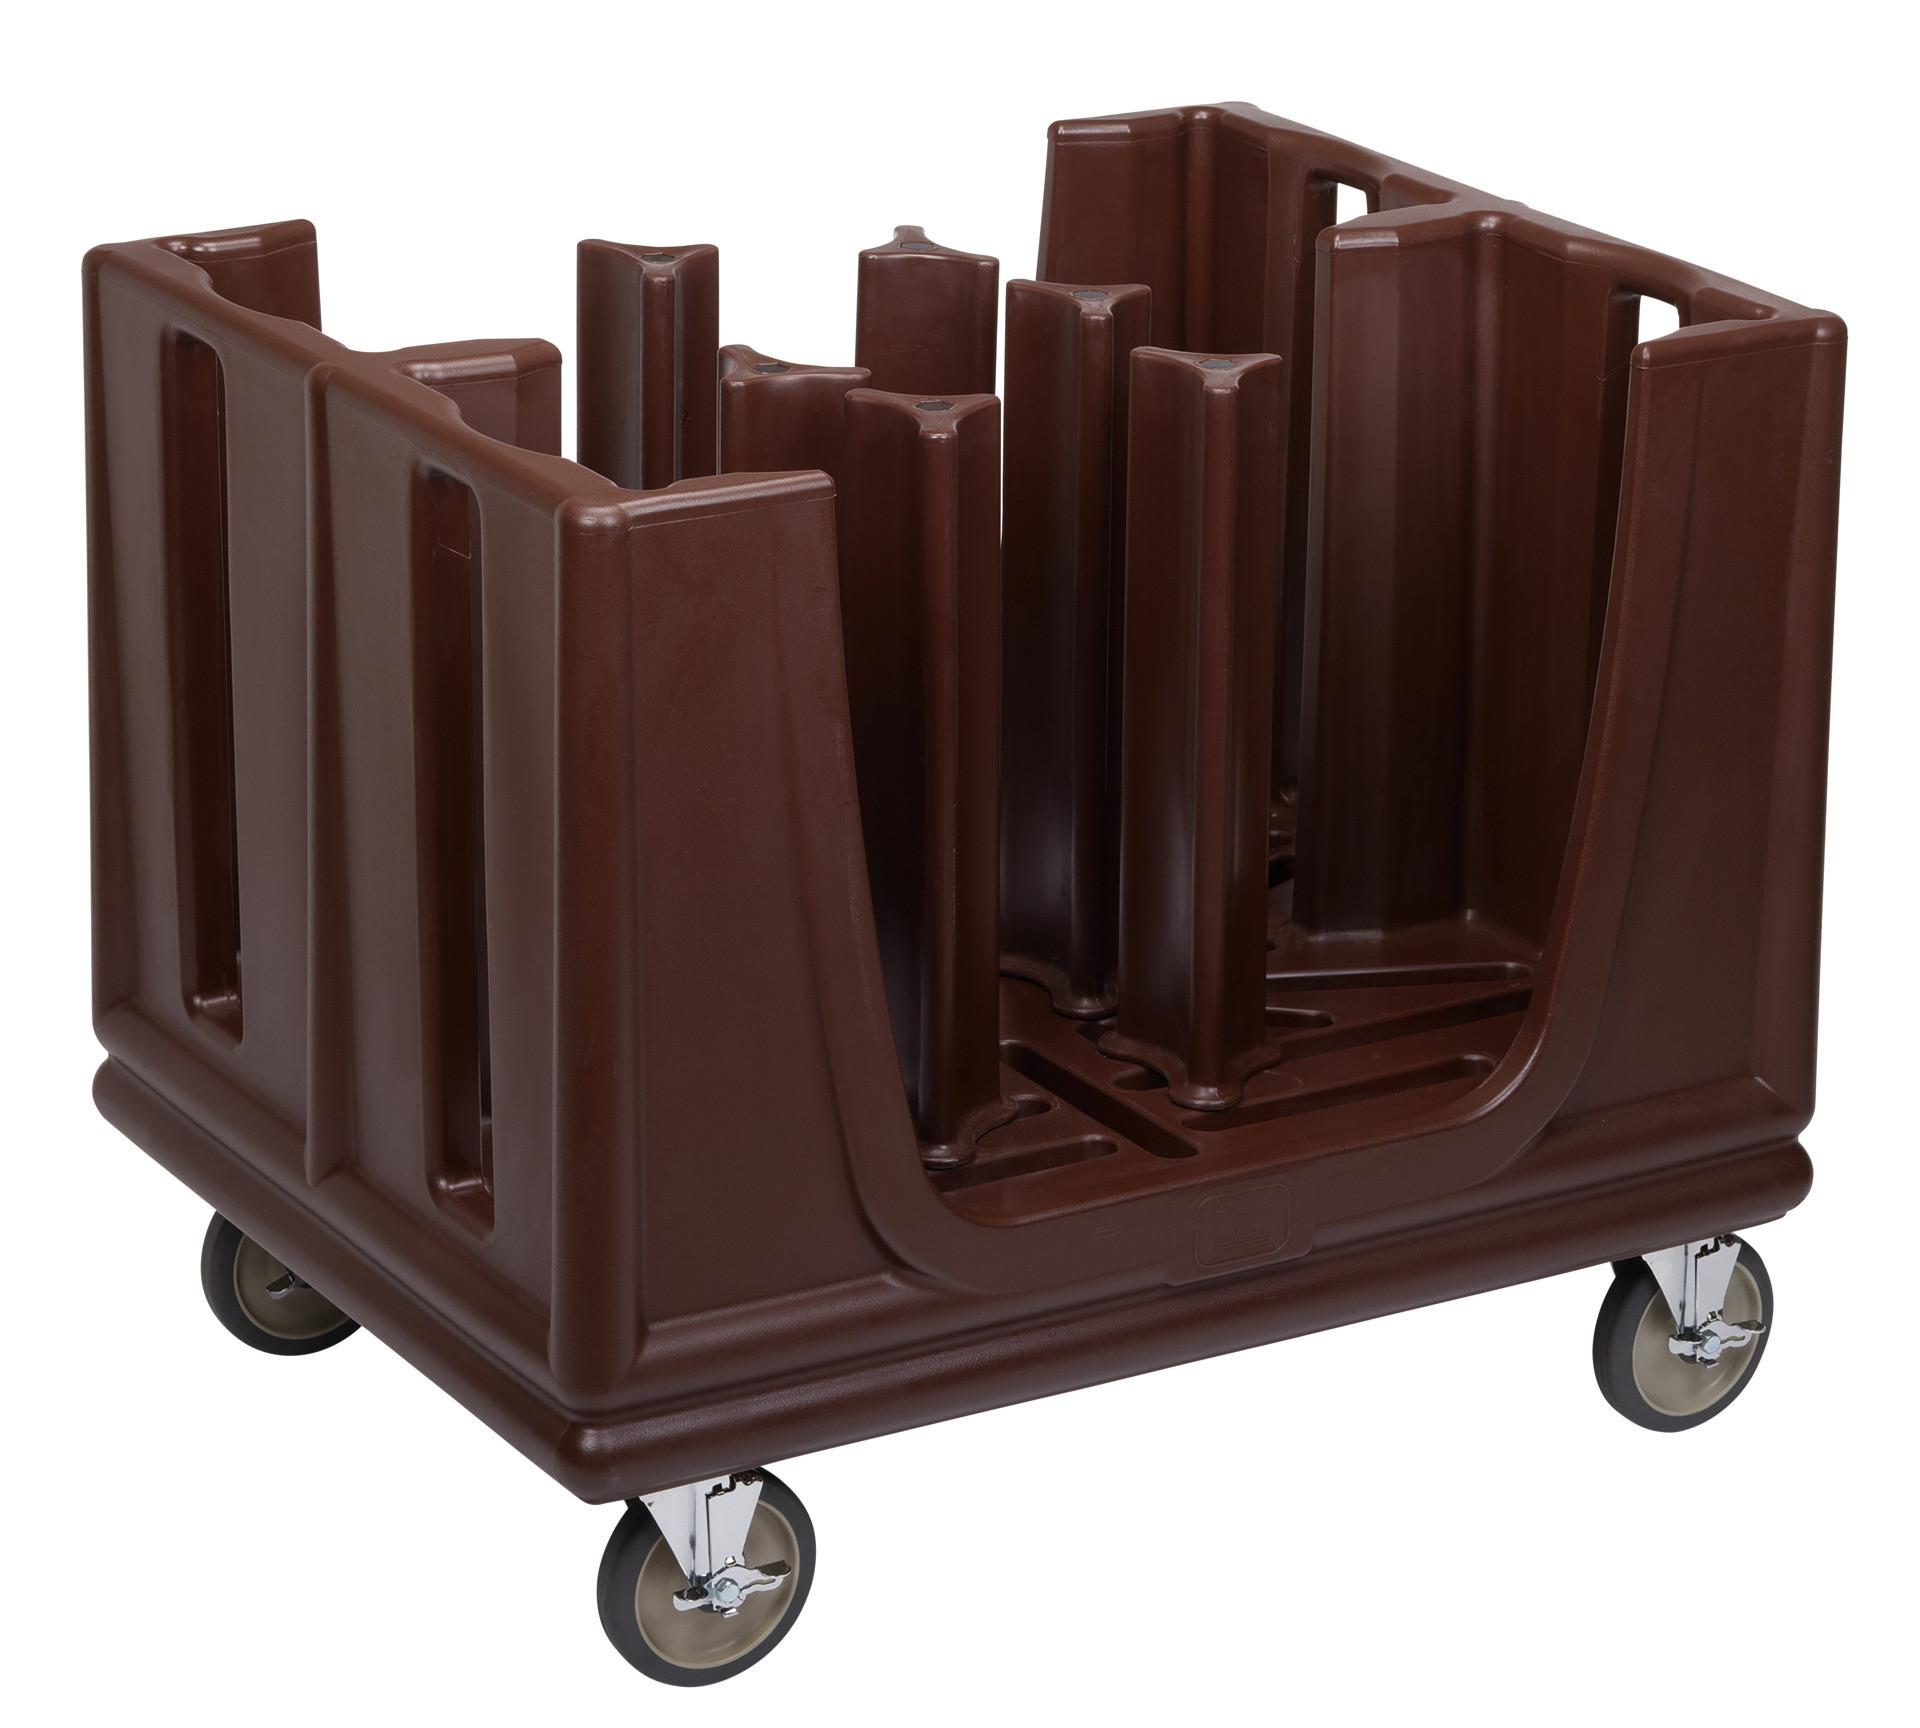 Tellertransportwagen, 6-fach, verstellbar, braun, by Cambro